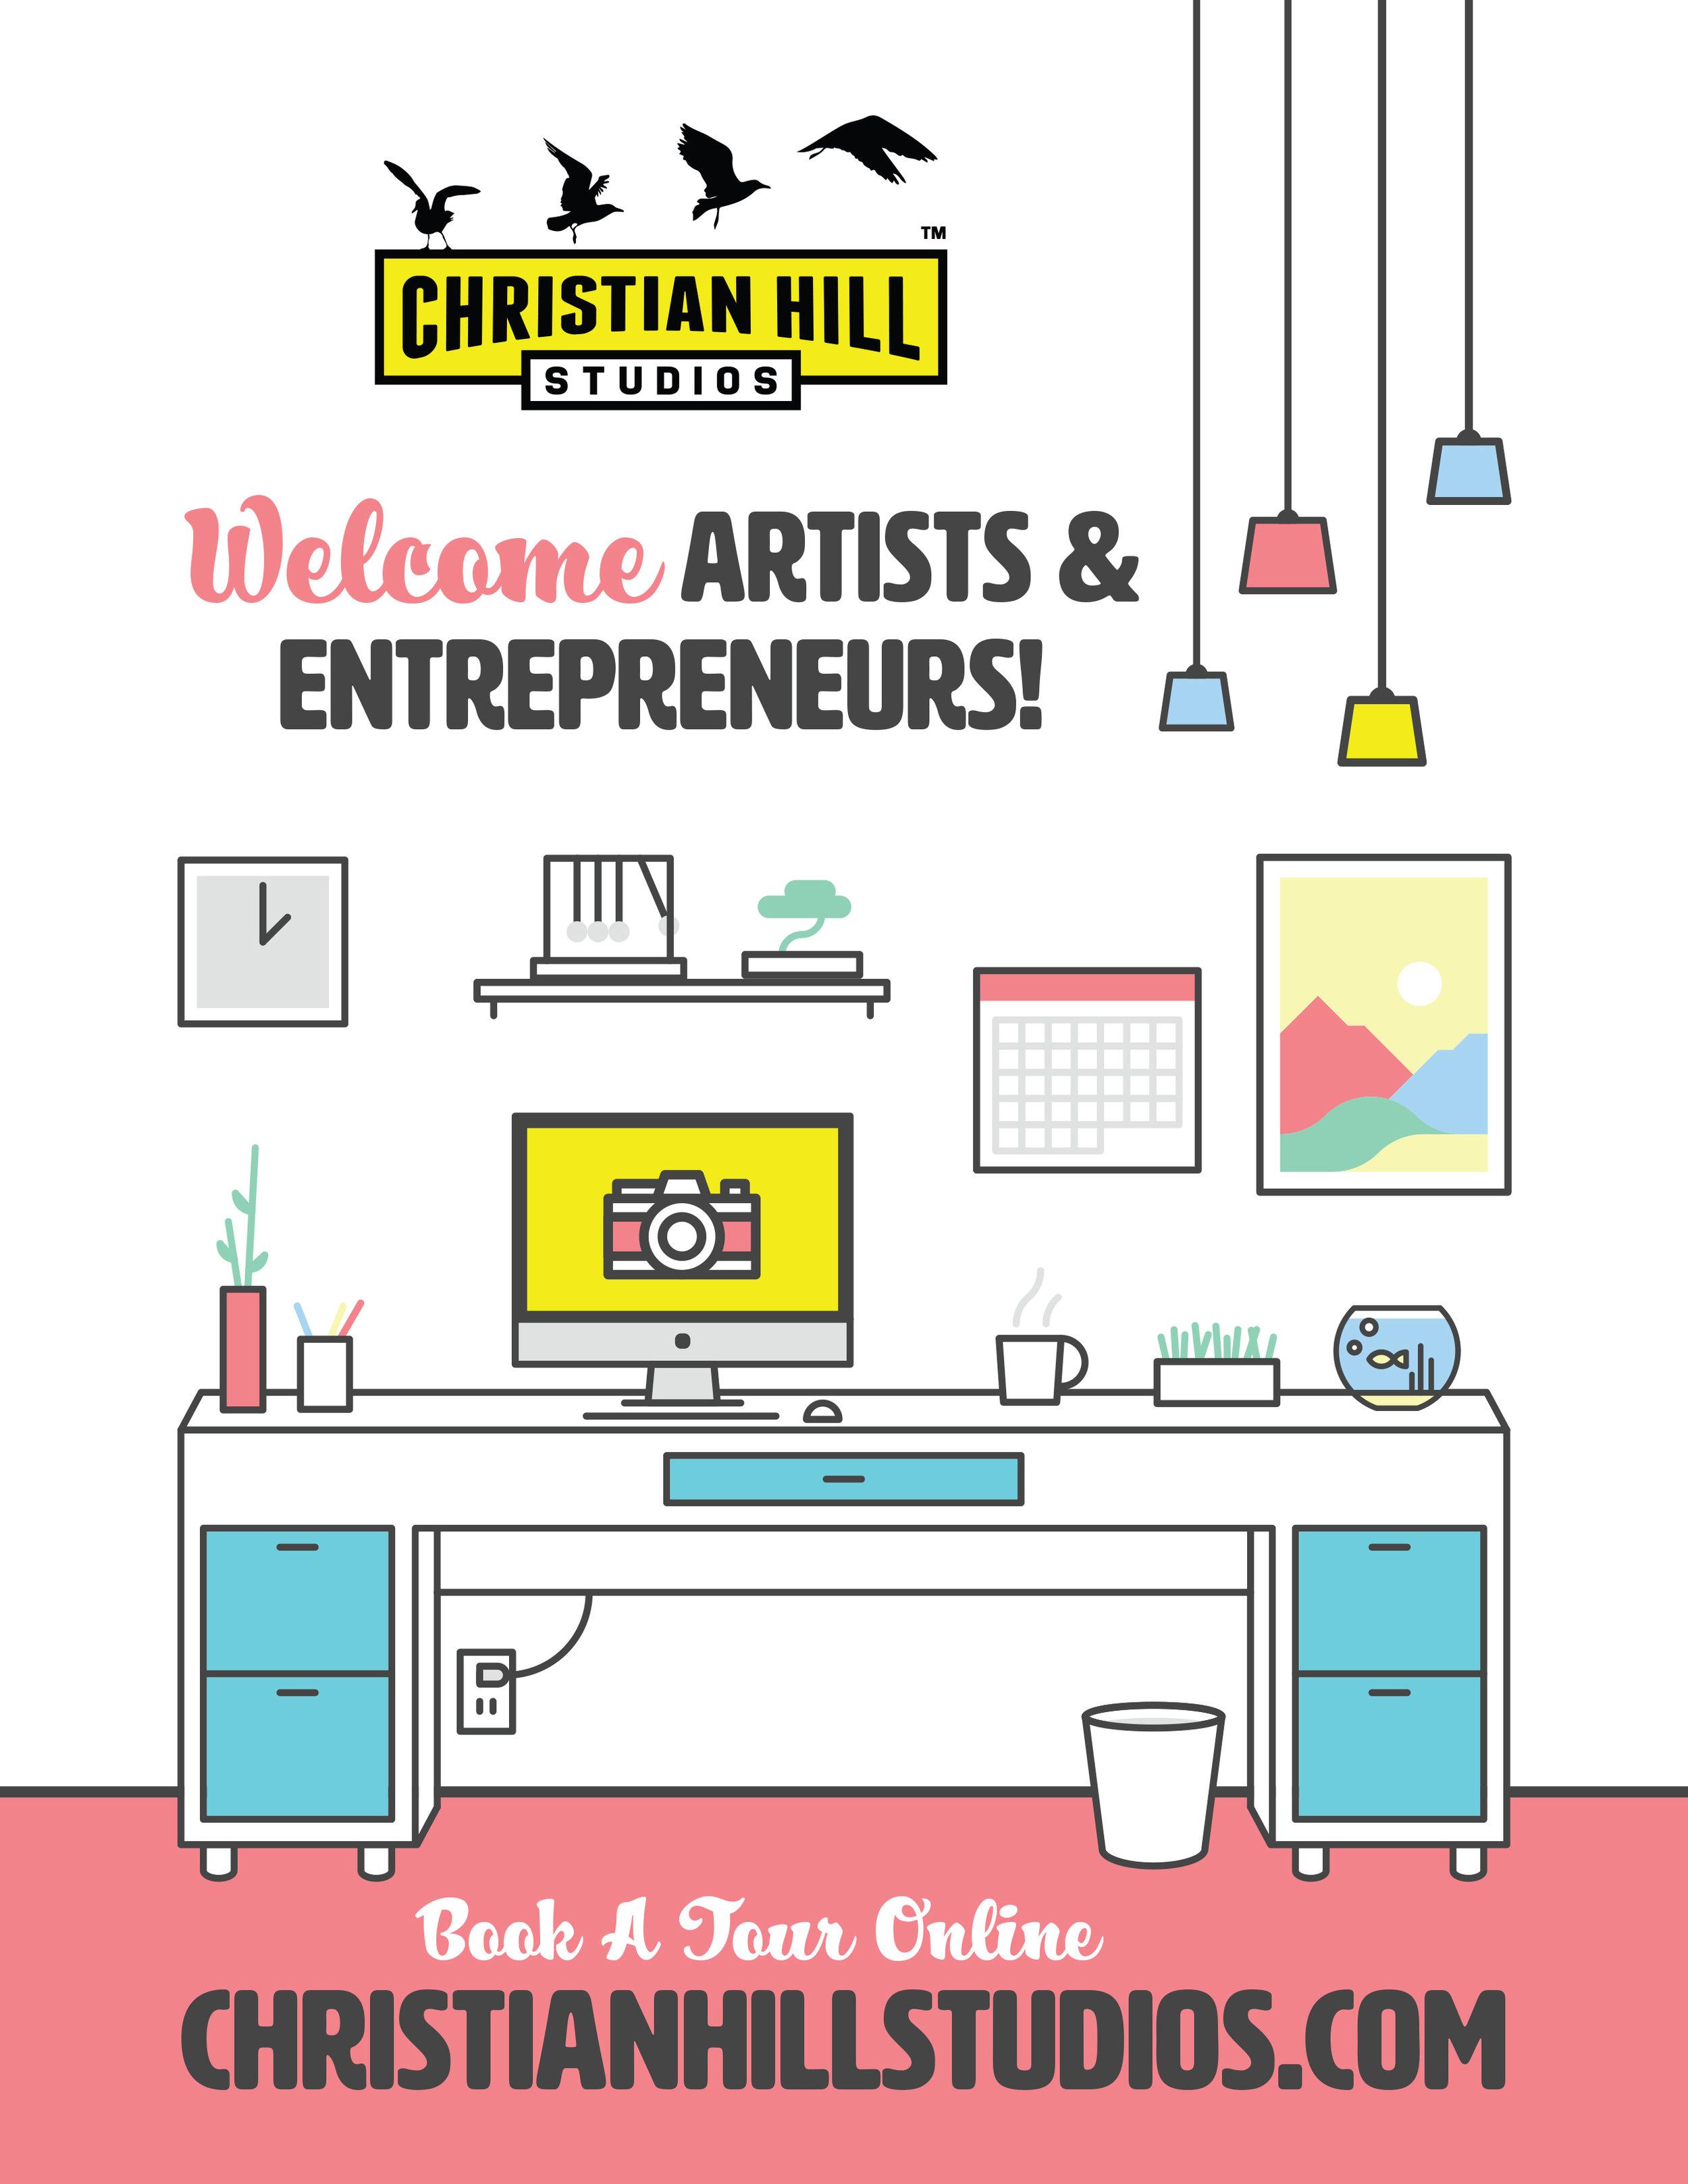 Christian Hill Studios Line Art Poster.jpg